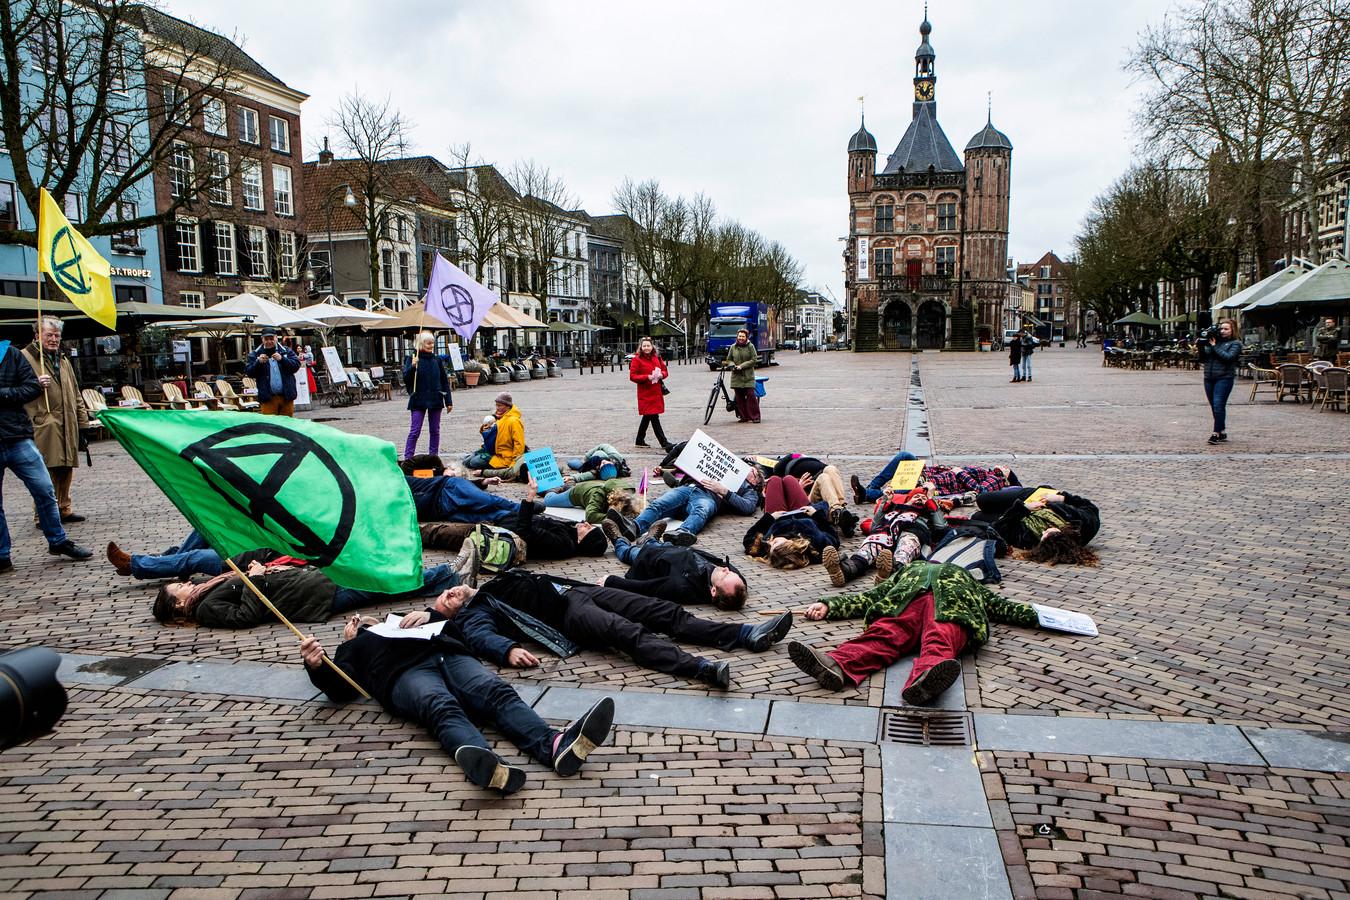 Veel volk is er niet rond het middaguur op de Brink in Deventer. Maar het tijdstip is welbewust gekozen: tijdens het test-luchtalarm.